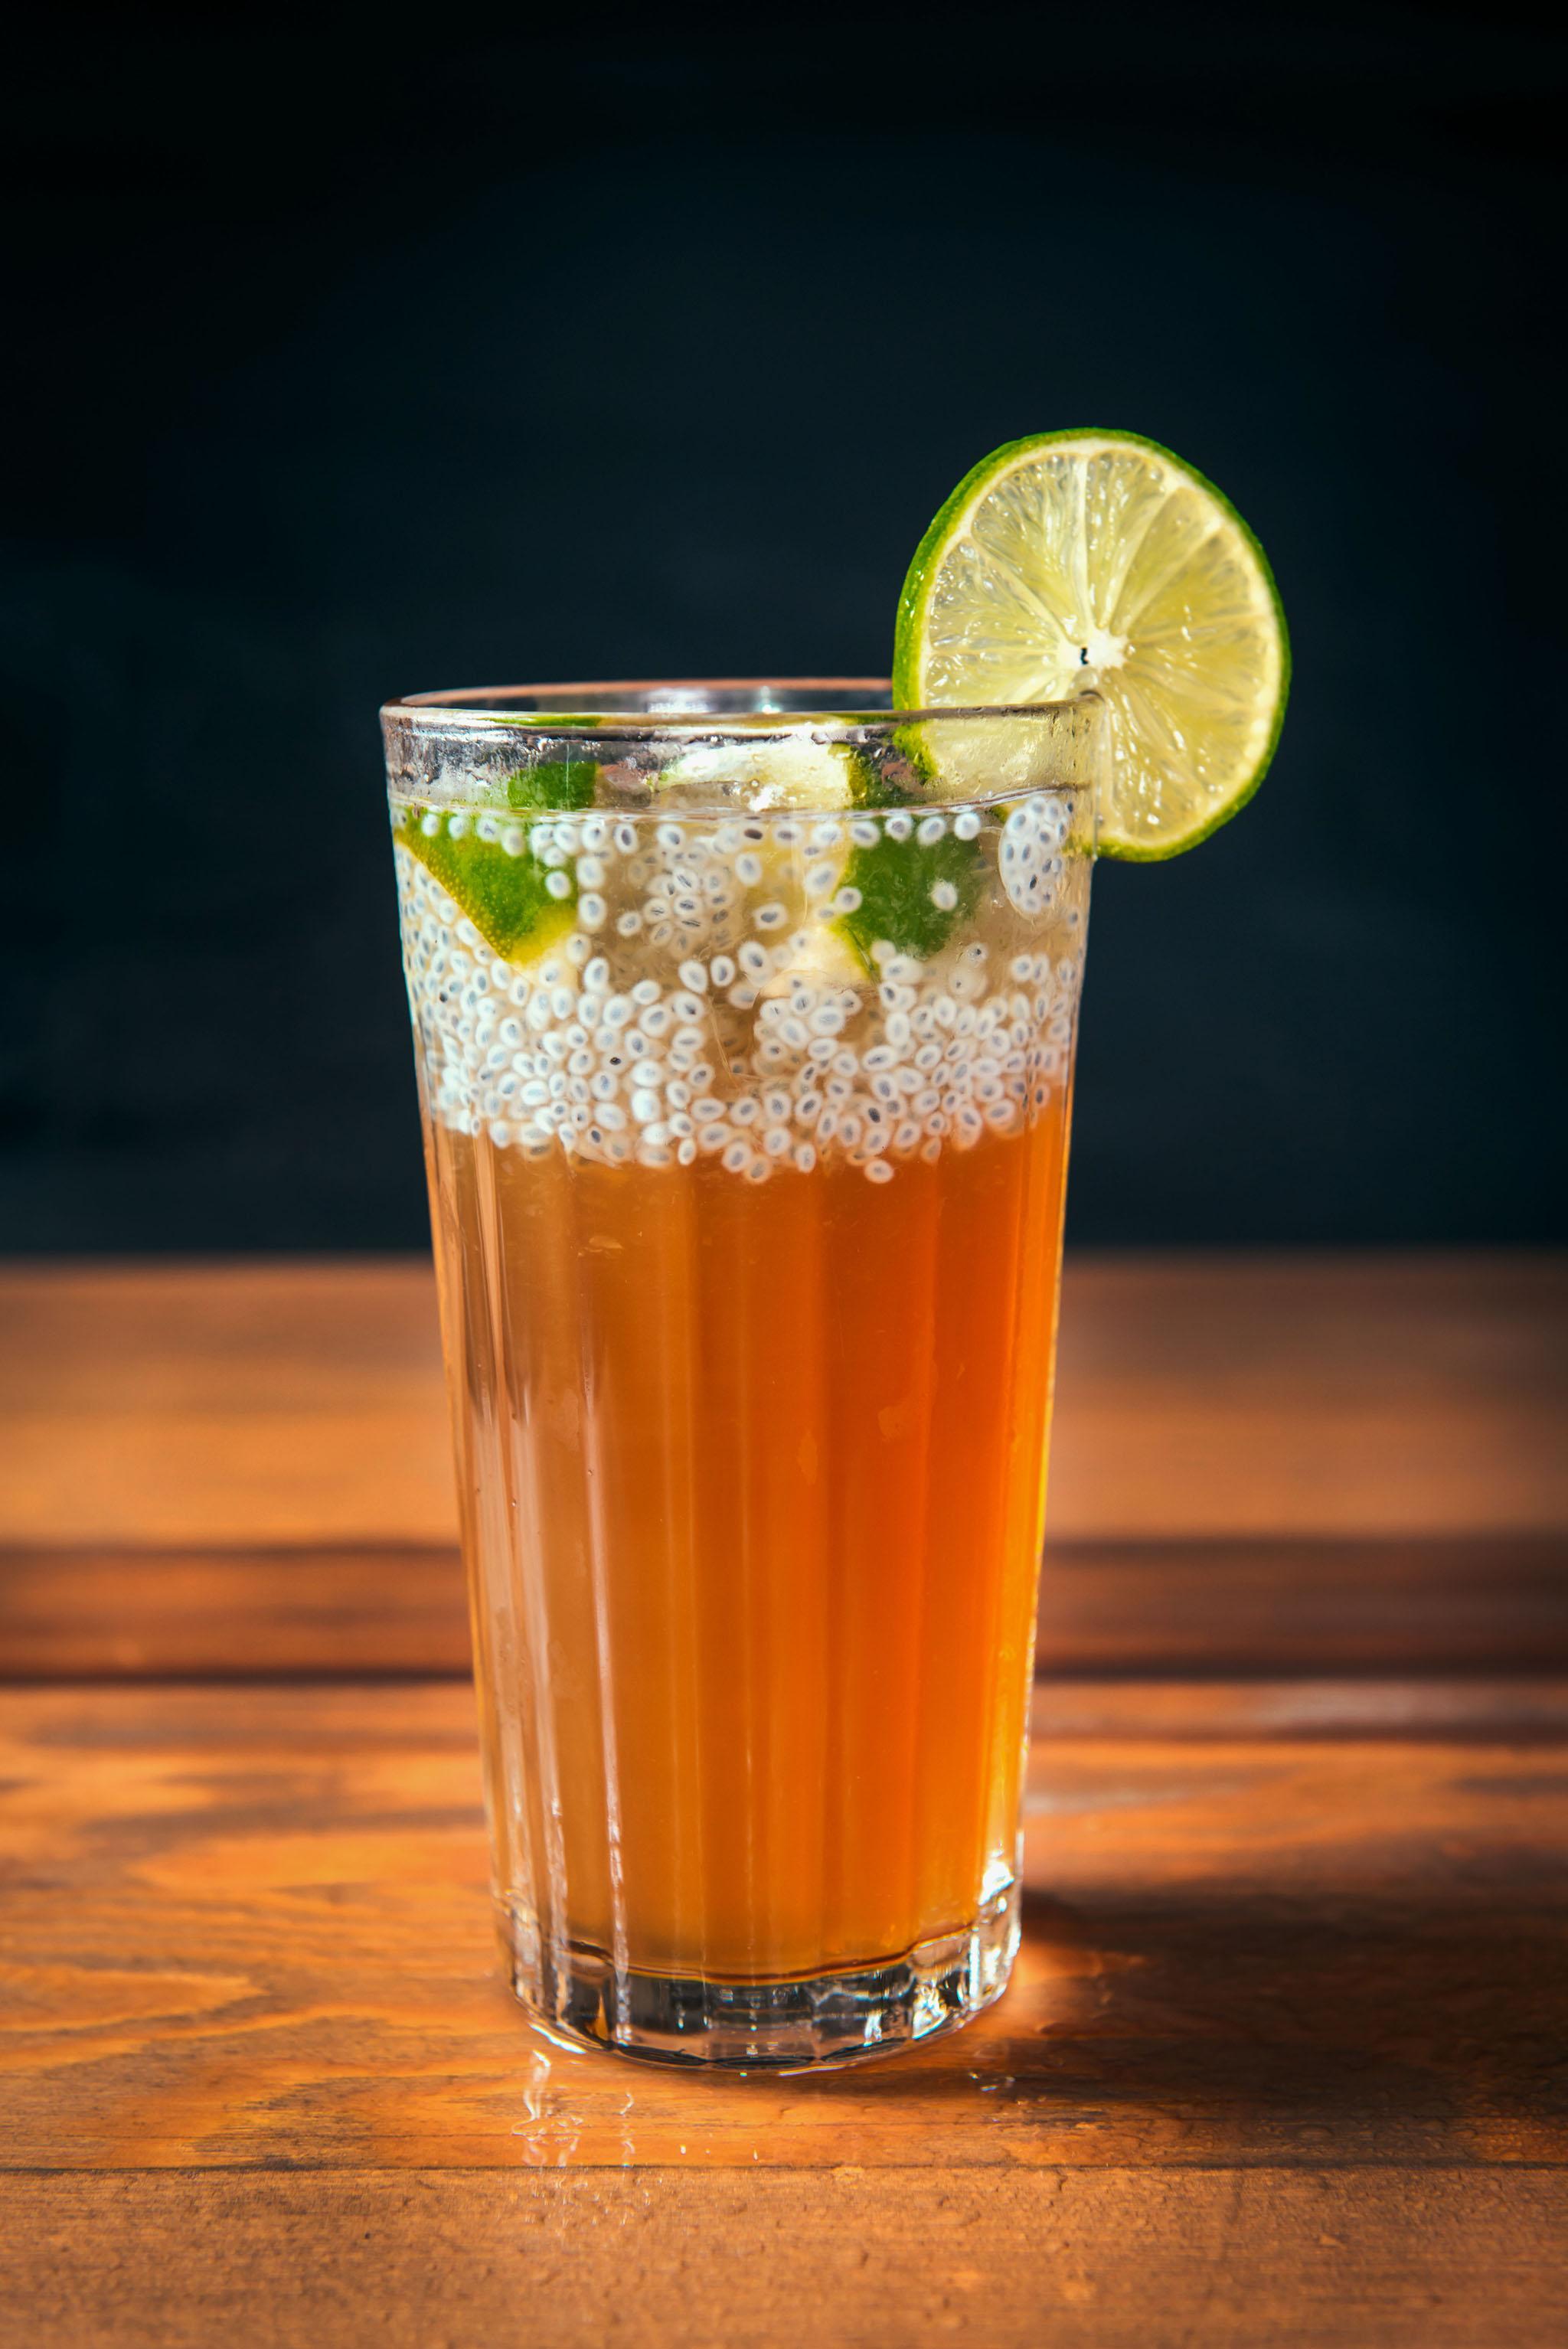 冬瓜檸檬茶